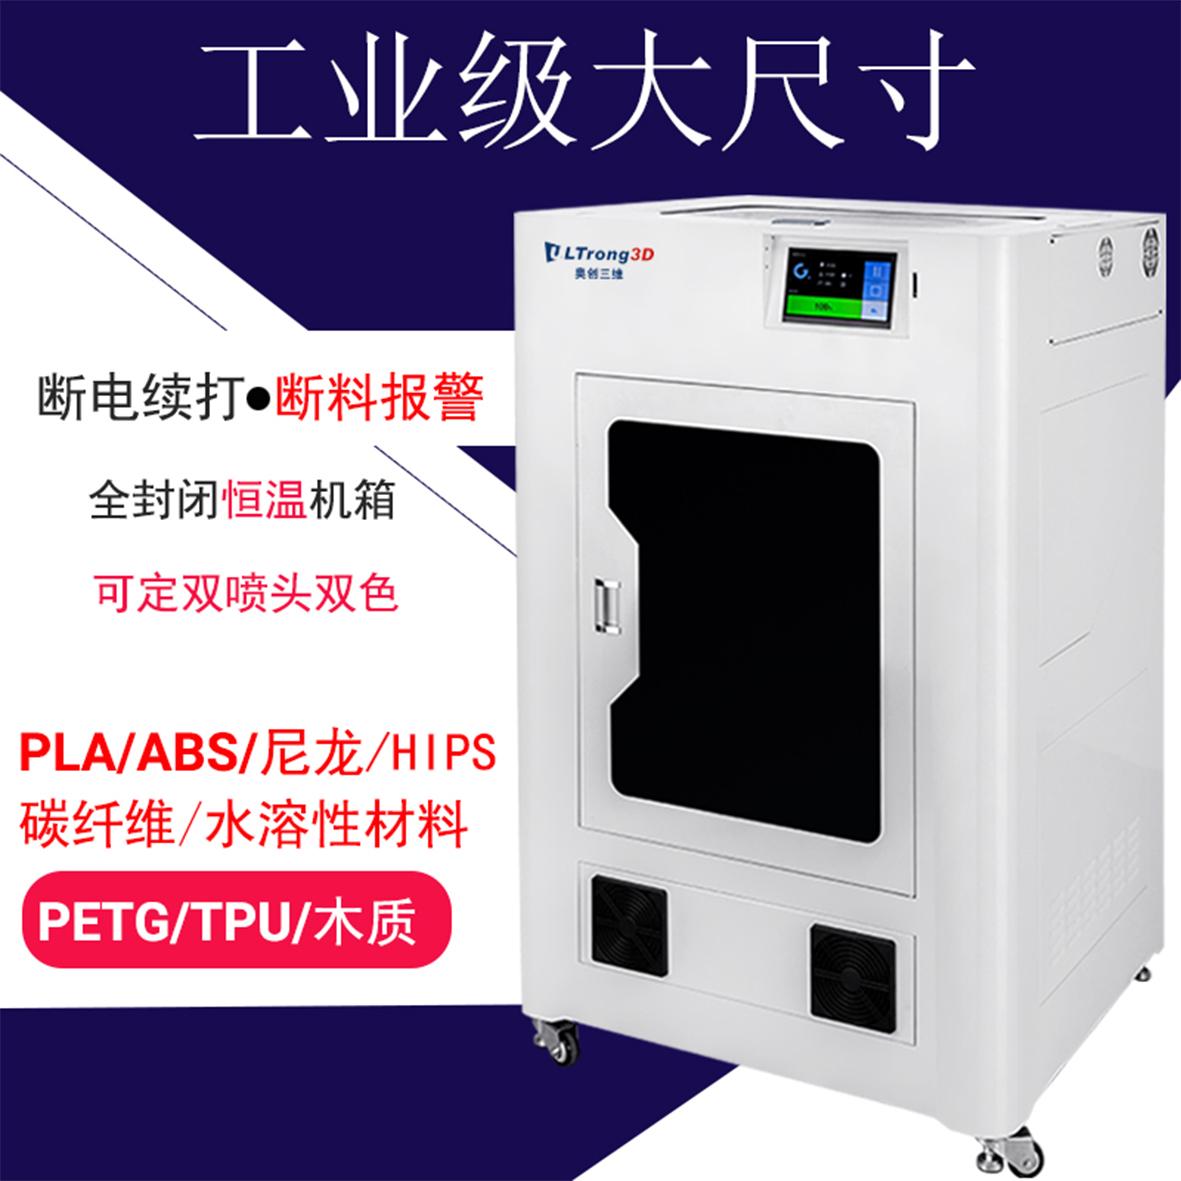 ULTRONG 3 dプリンター工業級大型ABSプラスチック繊維大サイズ恒温高精度ダブルヘッド